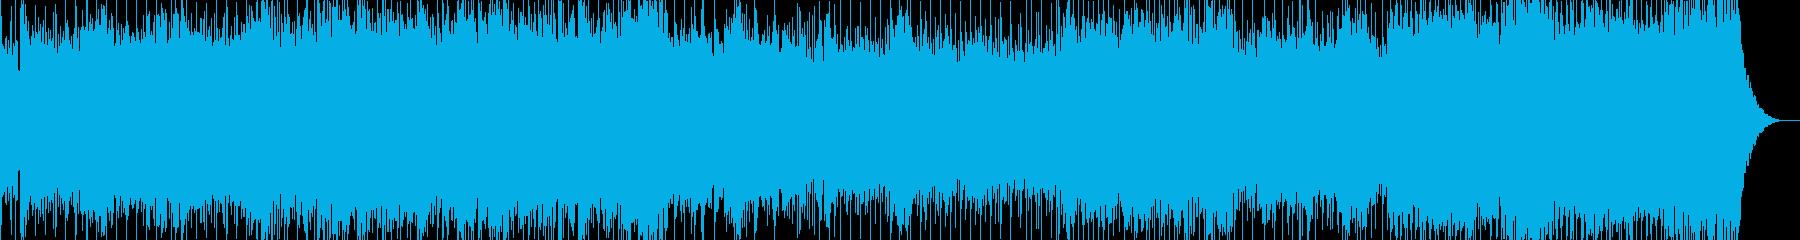 アップテンポのハードな曲です。バトルシ…の再生済みの波形